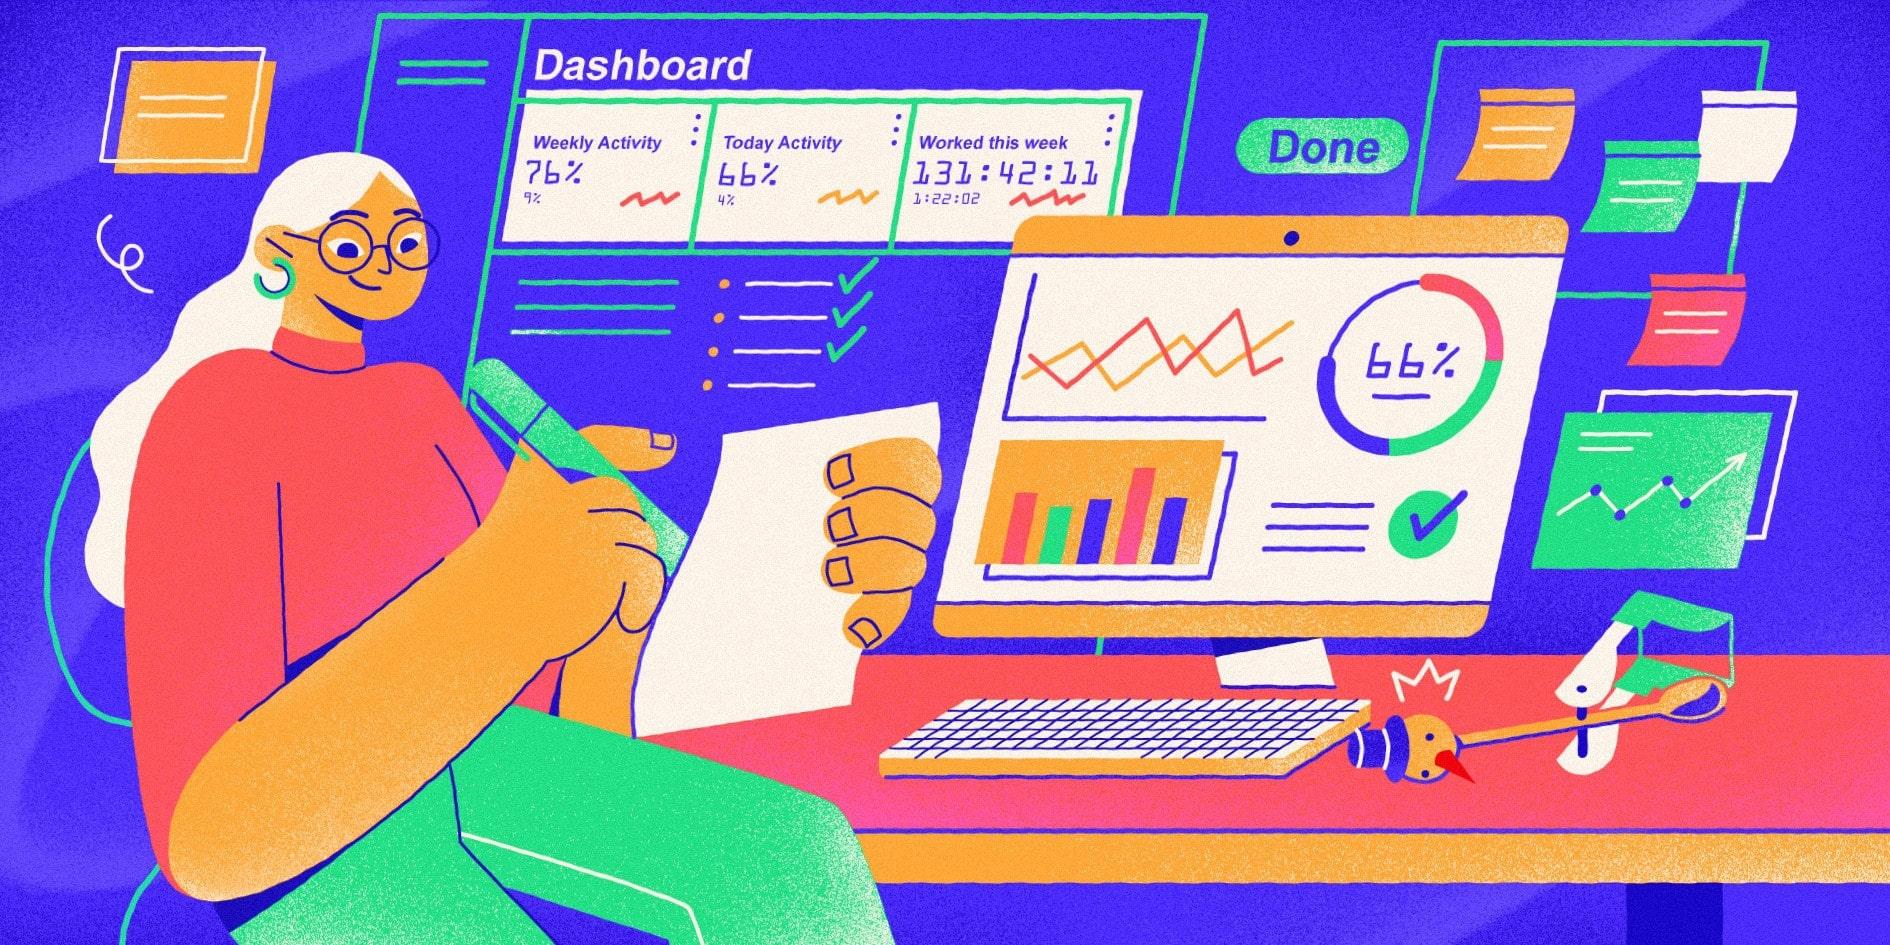 Hubstaff Hacks: How Can I Increase My Hubstaff Activity?